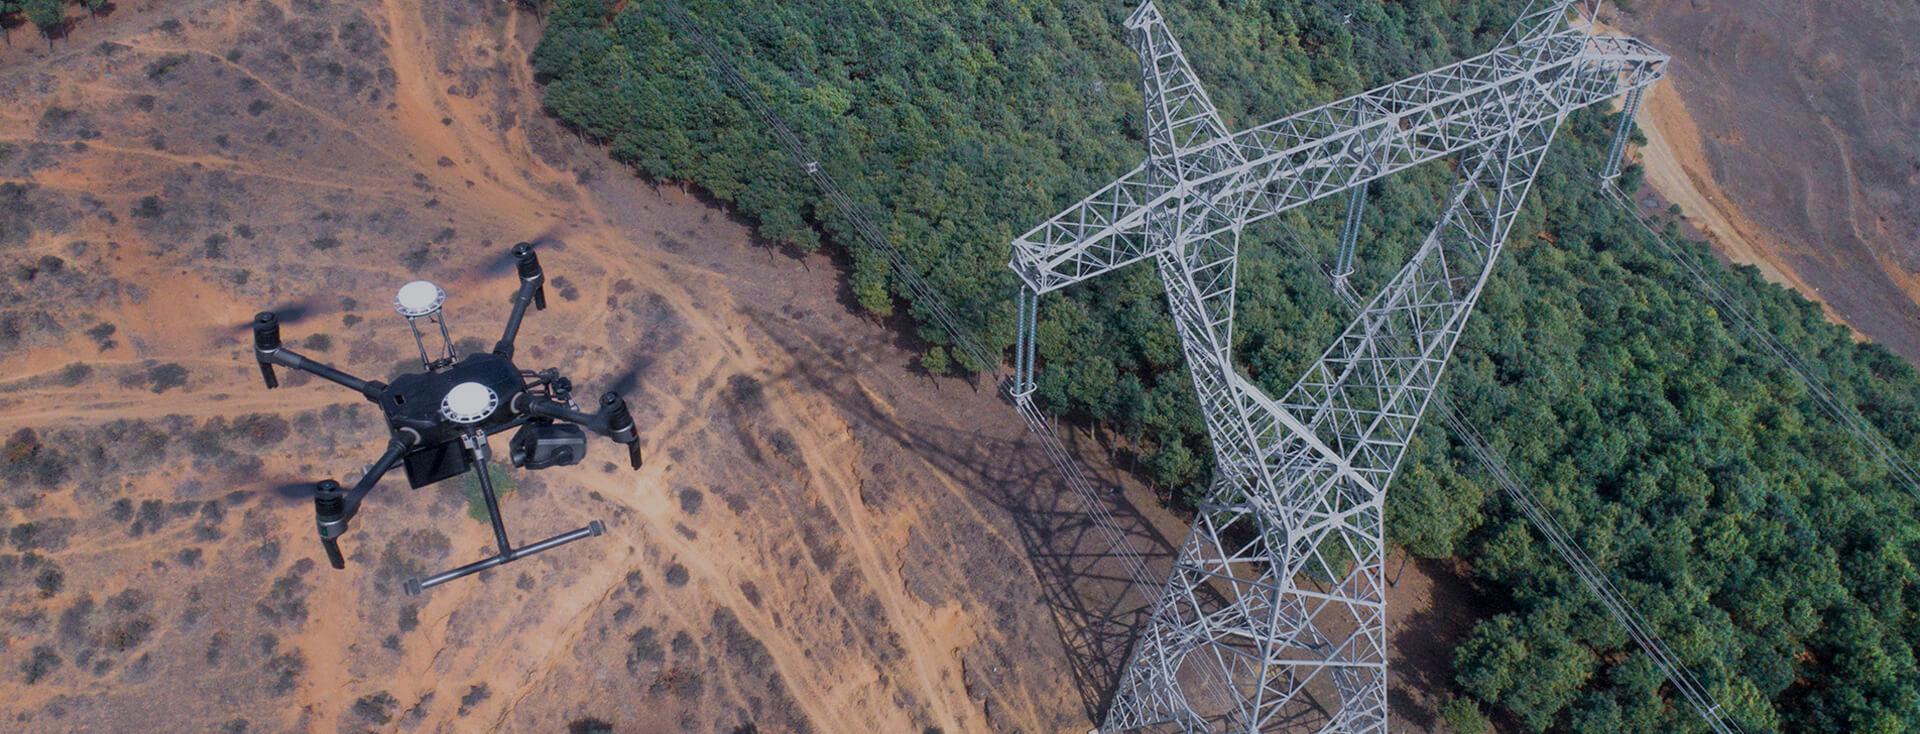 Inspecciones automatizadas para torres de alta tensión